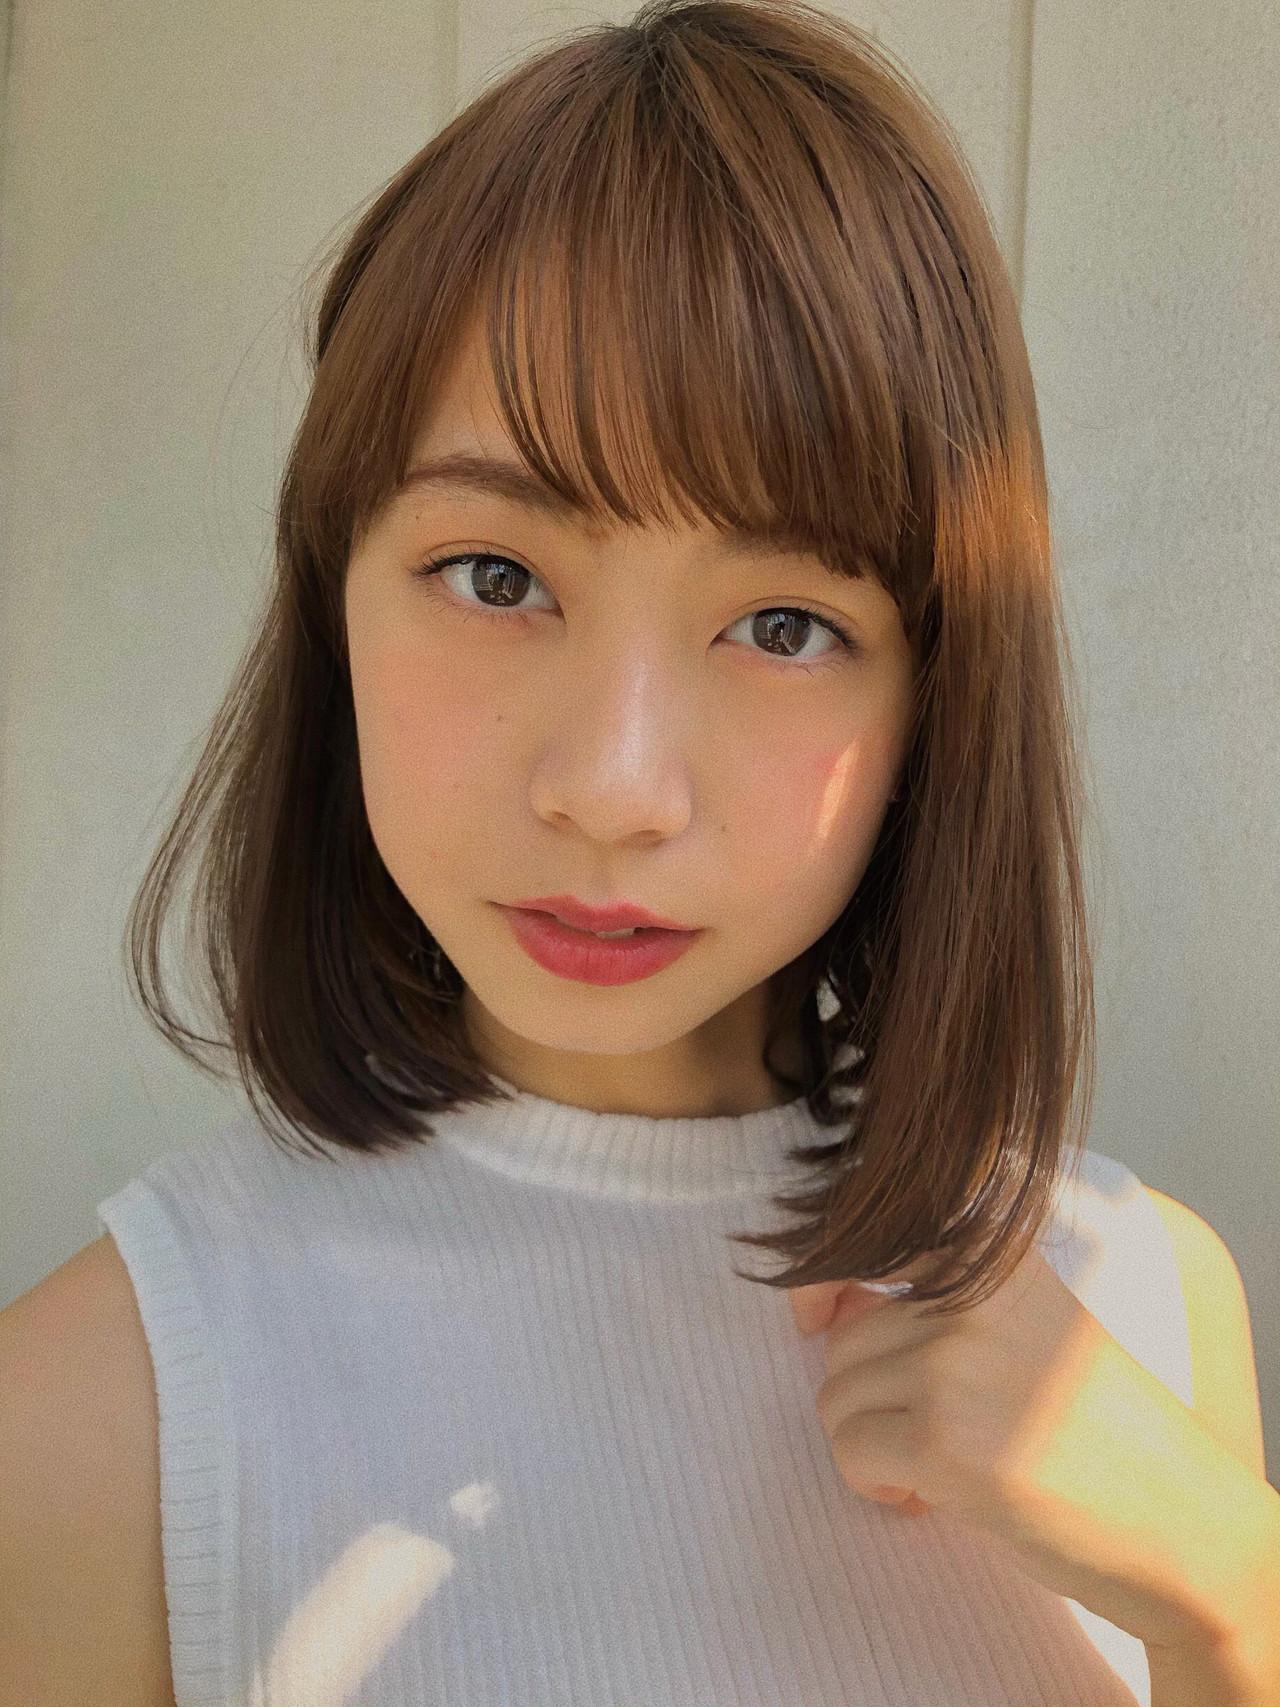 シースルーバング 前髪 前髪あり オフィス ヘアスタイルや髪型の写真・画像 | 鈴木ゆうすけ / GARDEN  harajuku